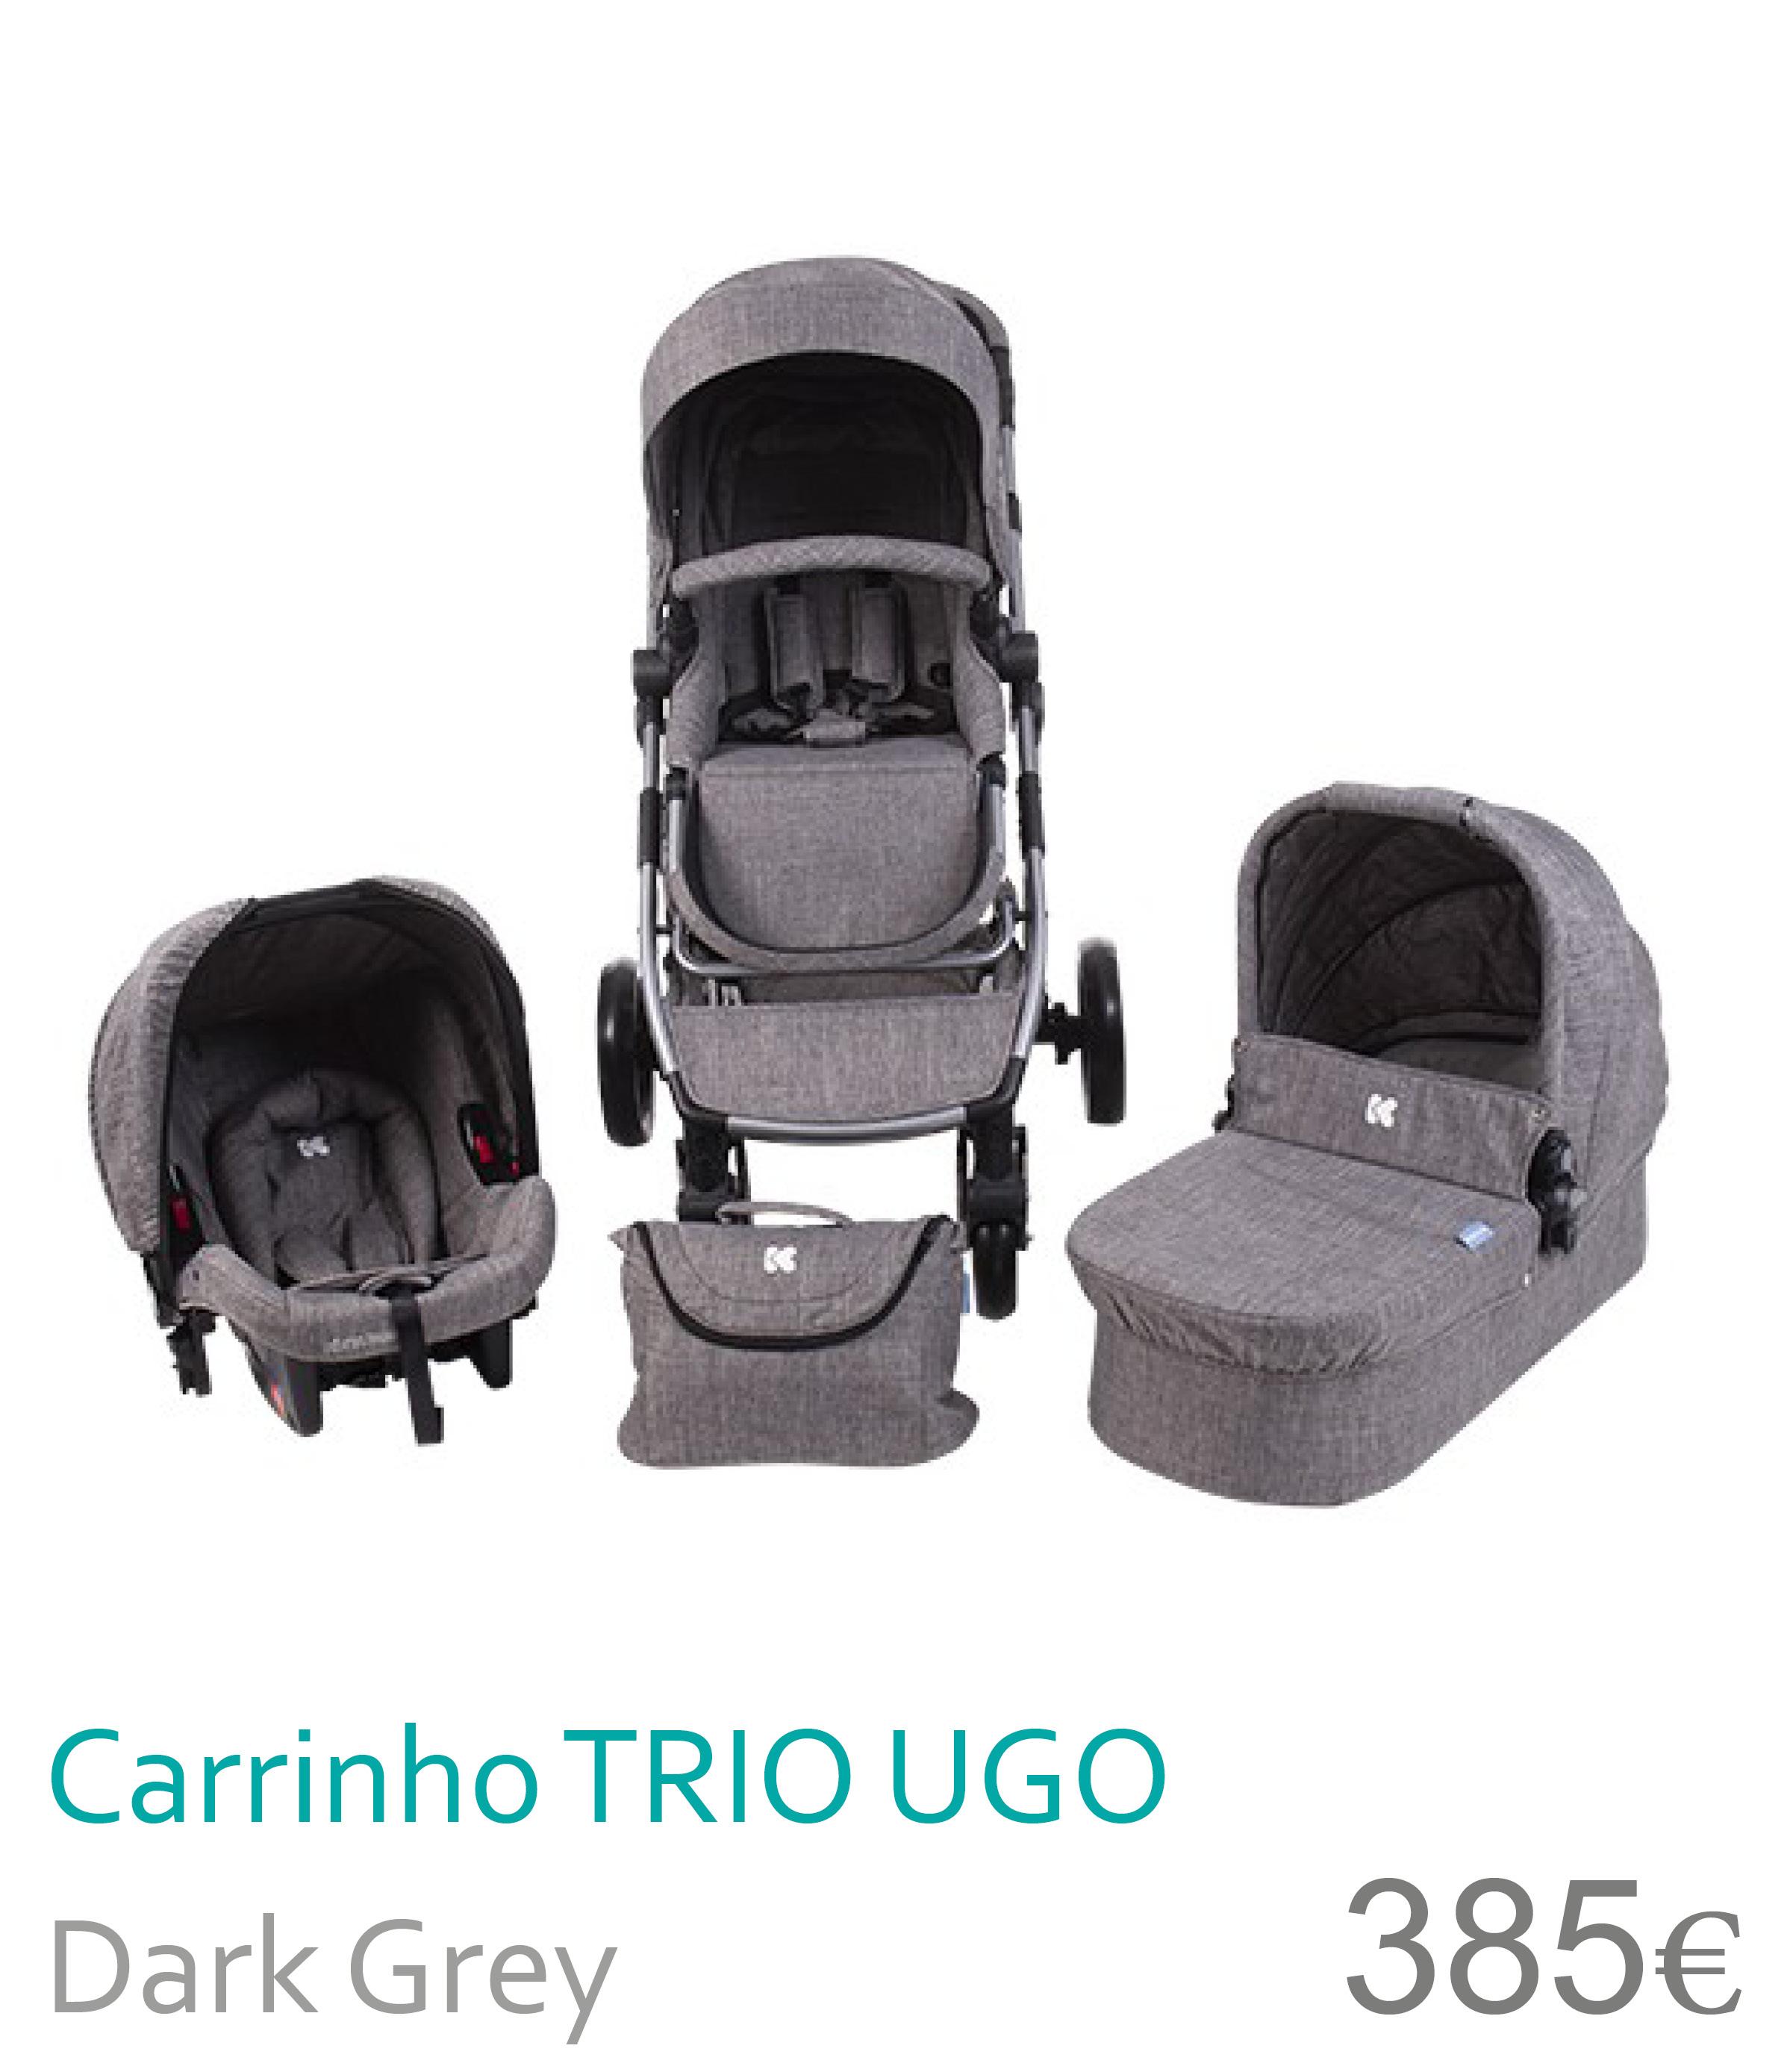 Carrito trio UGO Dark Grey